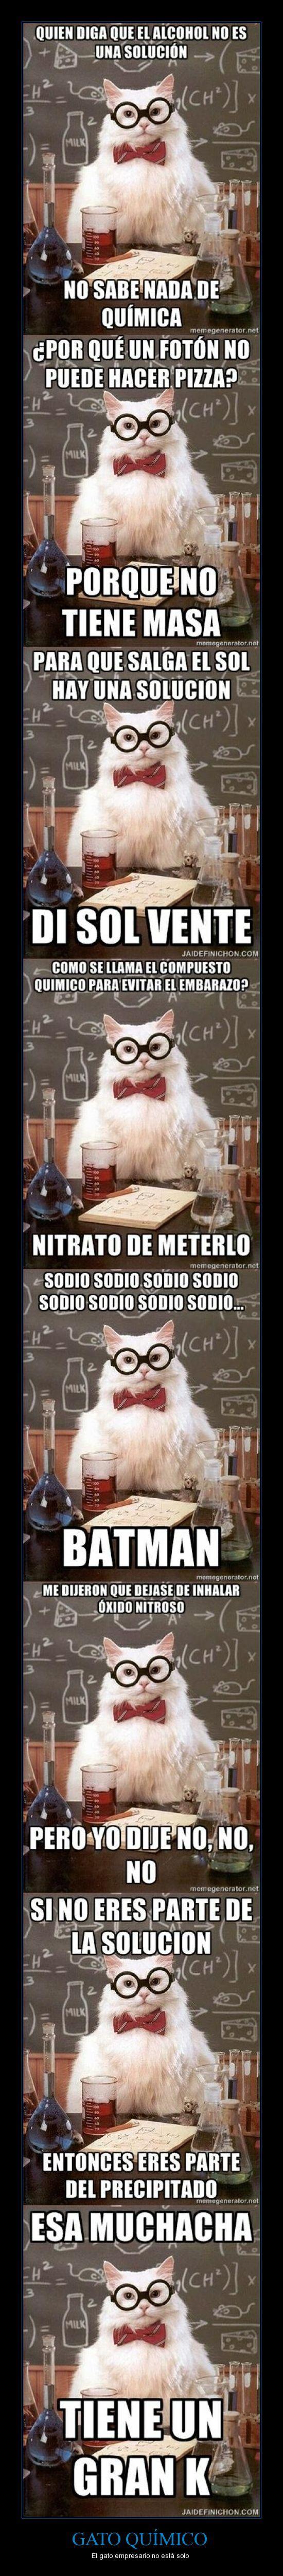 memes de gatos44